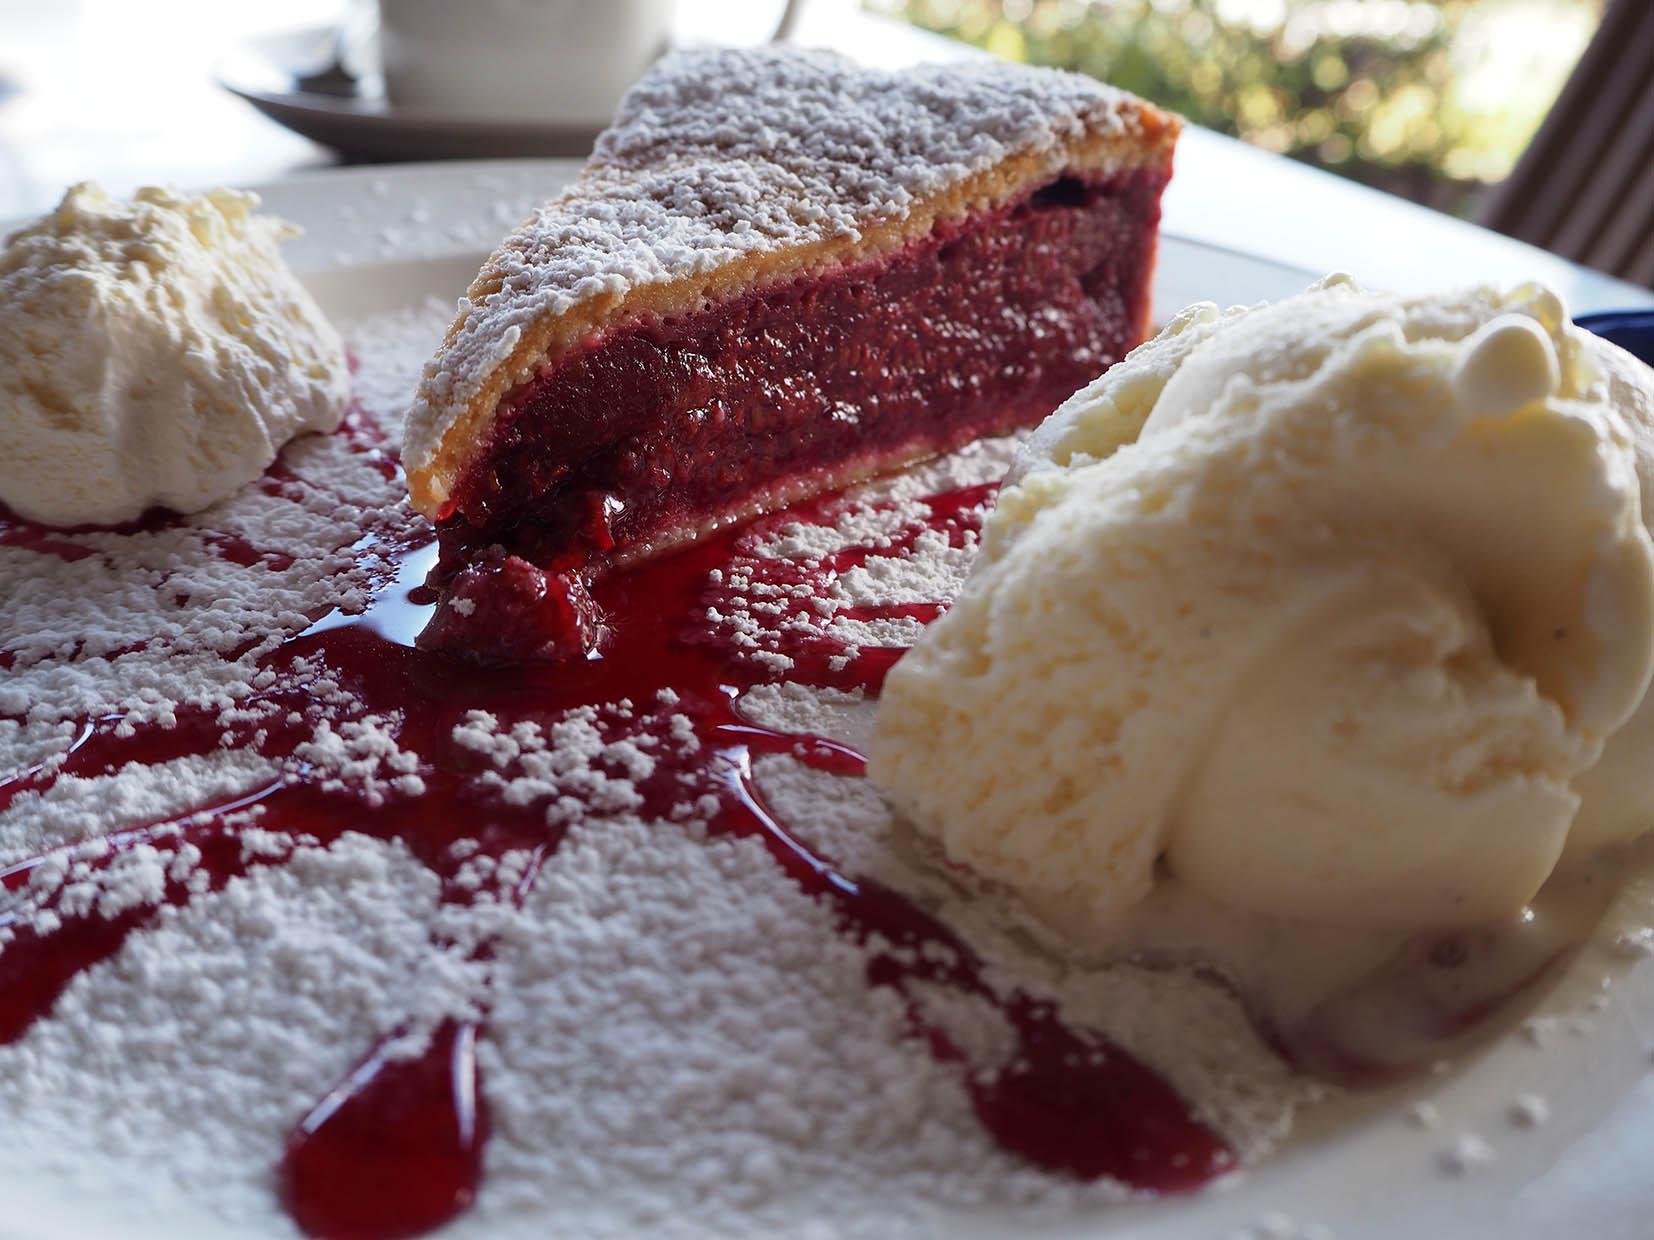 Raspberry pie at Kate's Berry Farm